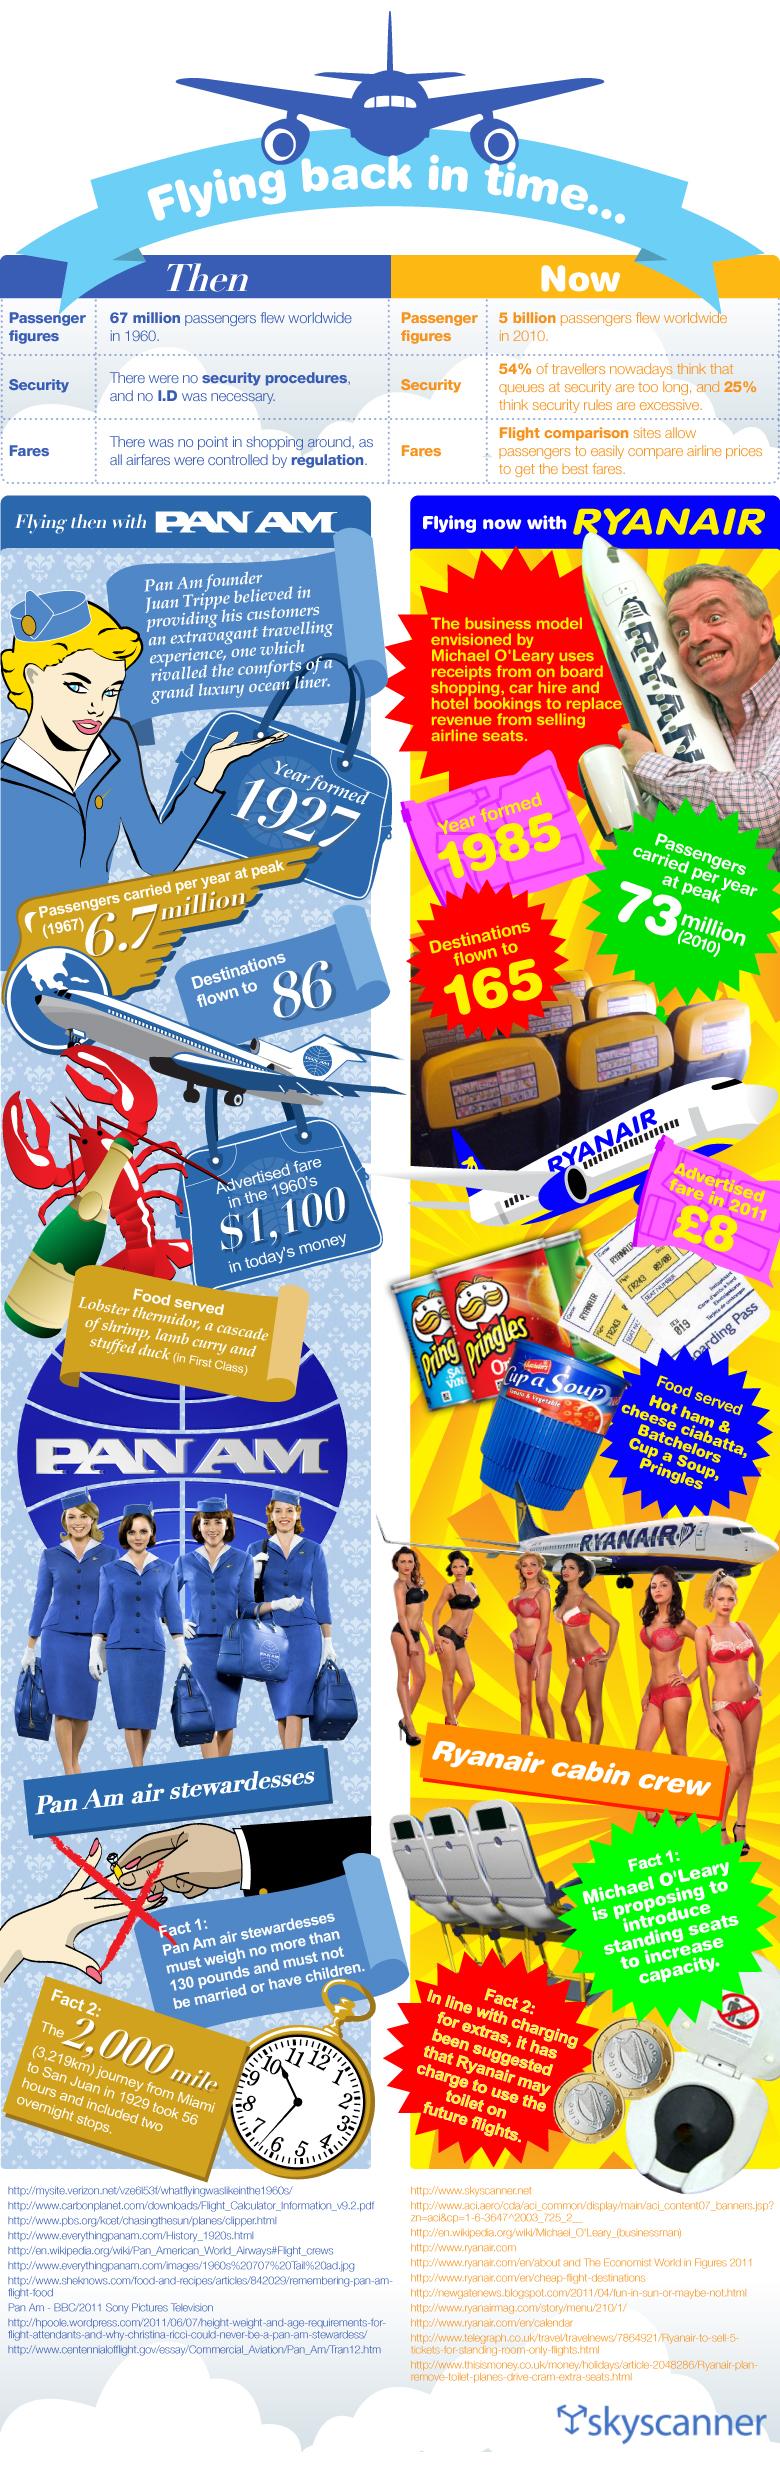 Flying Back in Time - Ryanair VS Pan AM 1